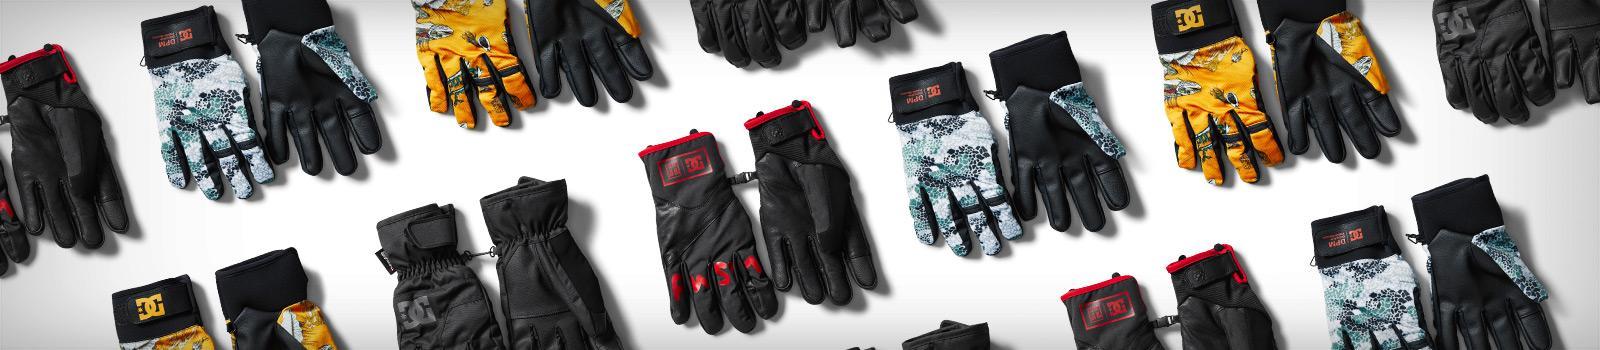 Детские сноубордические перчатки